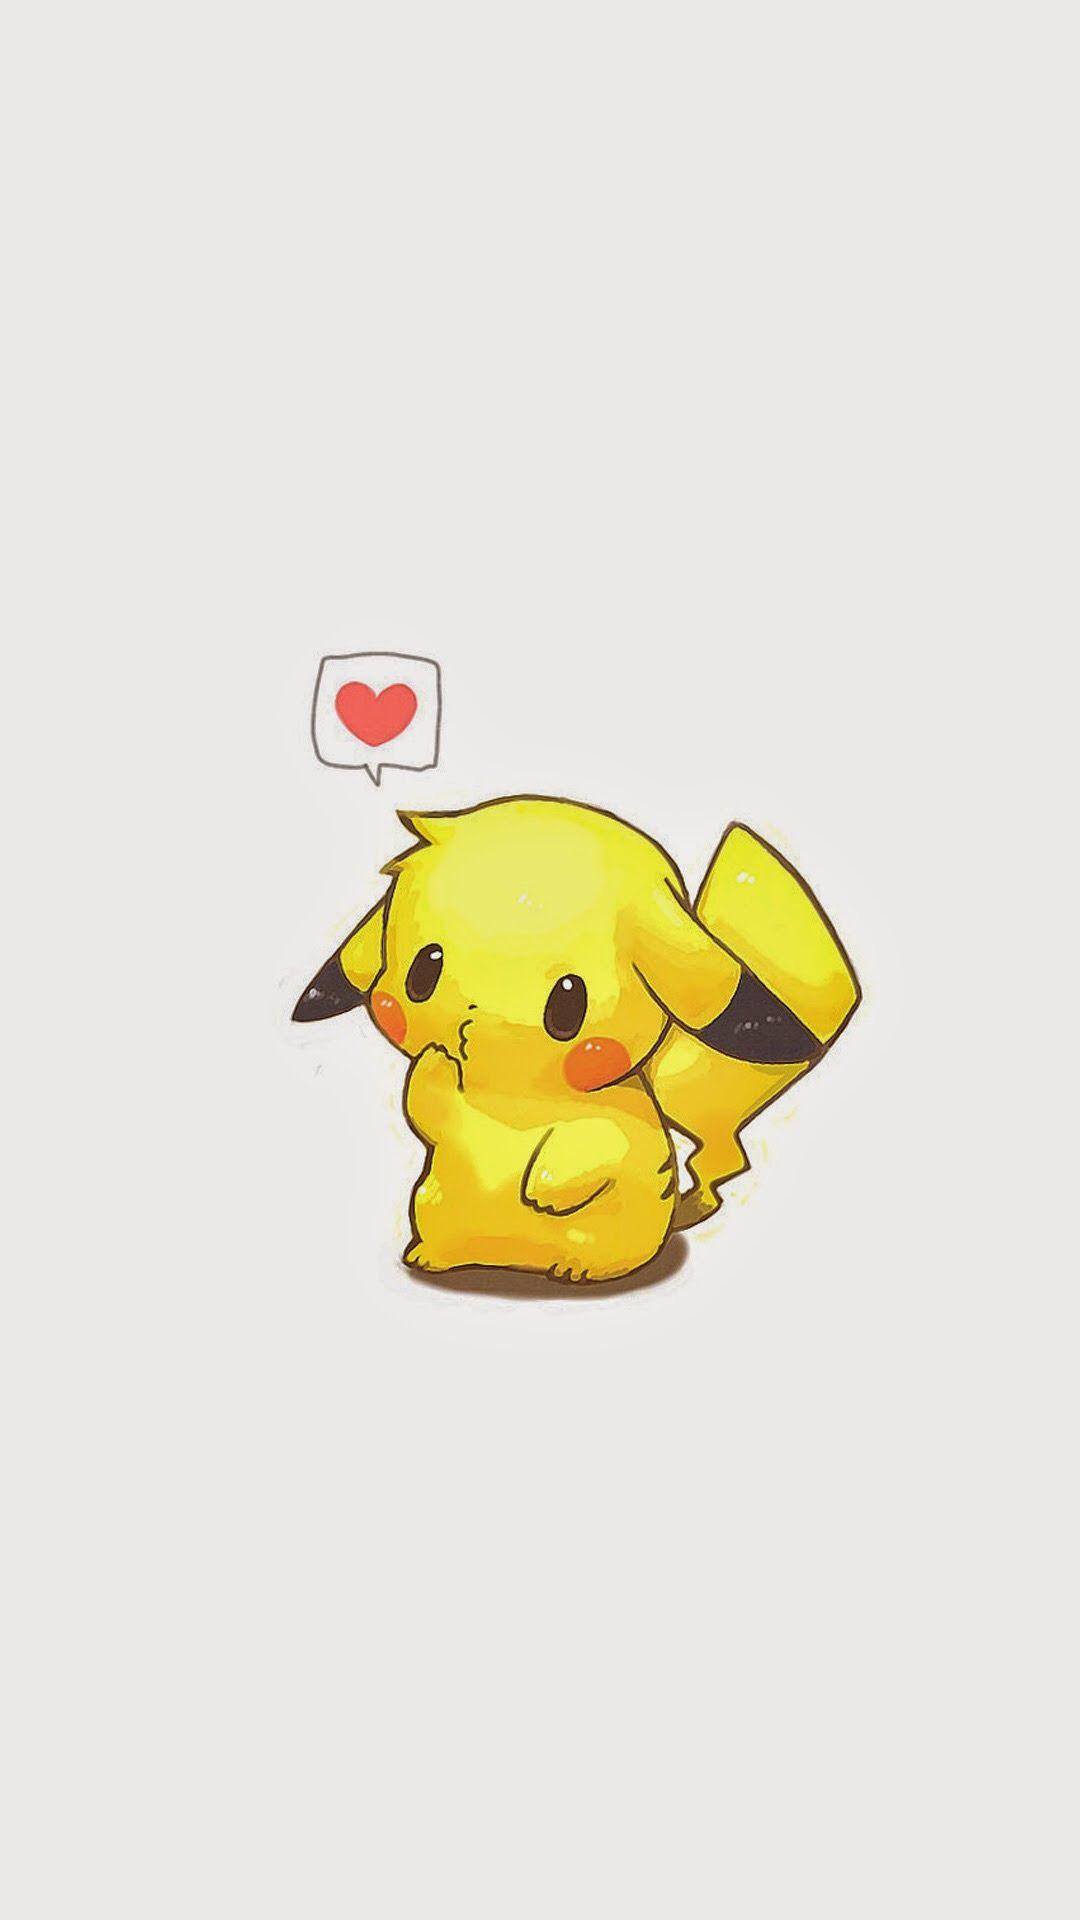 1080x1920 Pikachu - Nhấn để xem thêm hình nền Pikachu dễ thương!  - Dễ thương